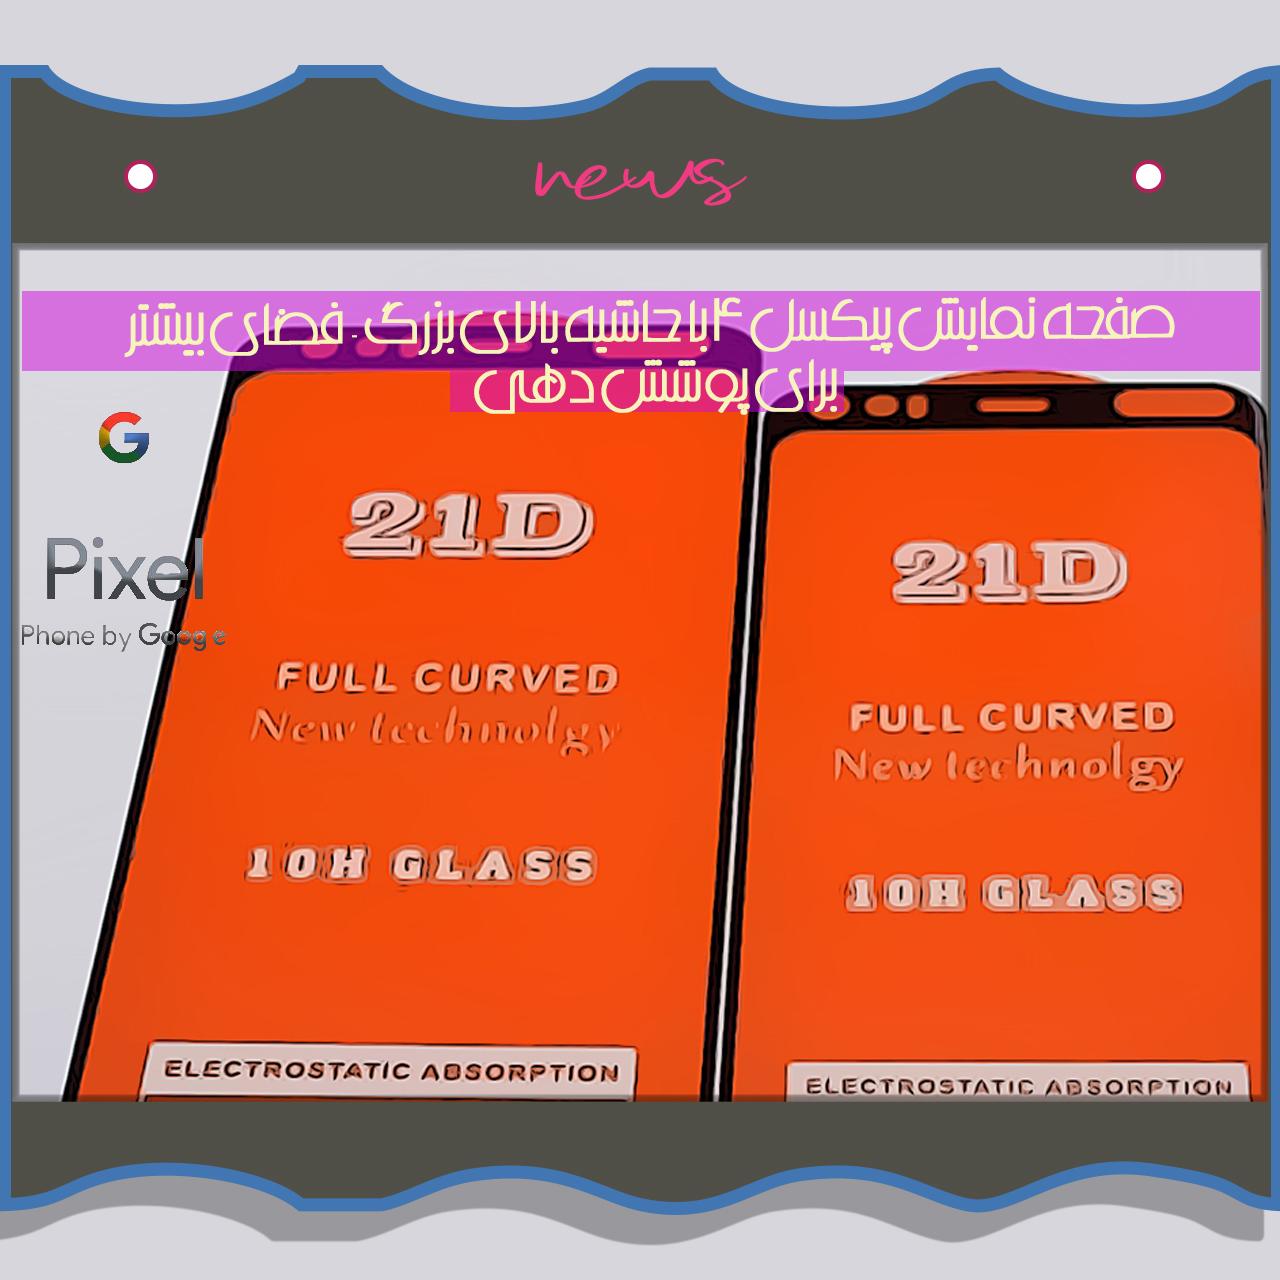 صفحه نمایش پیکسل 4 با حاشیه بالای بزرگ - فضای بیشتر برای پوشش دهی